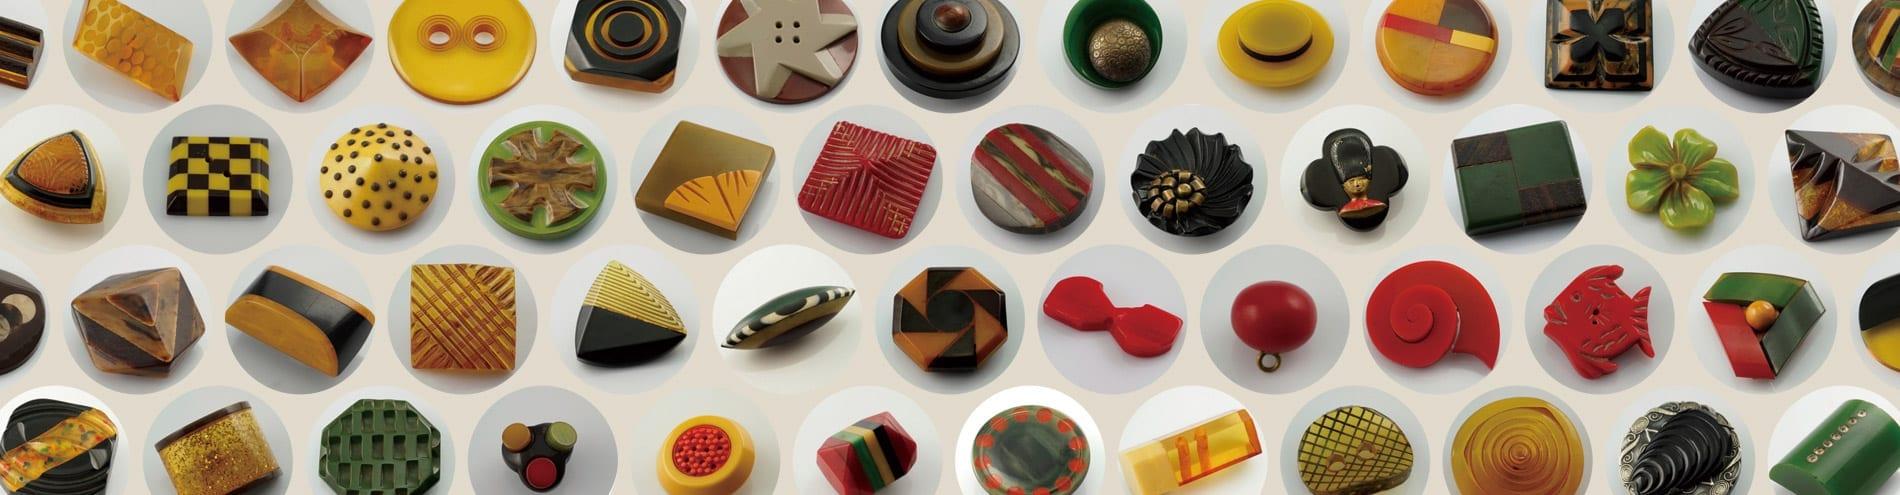 Button Gallery Bakelite